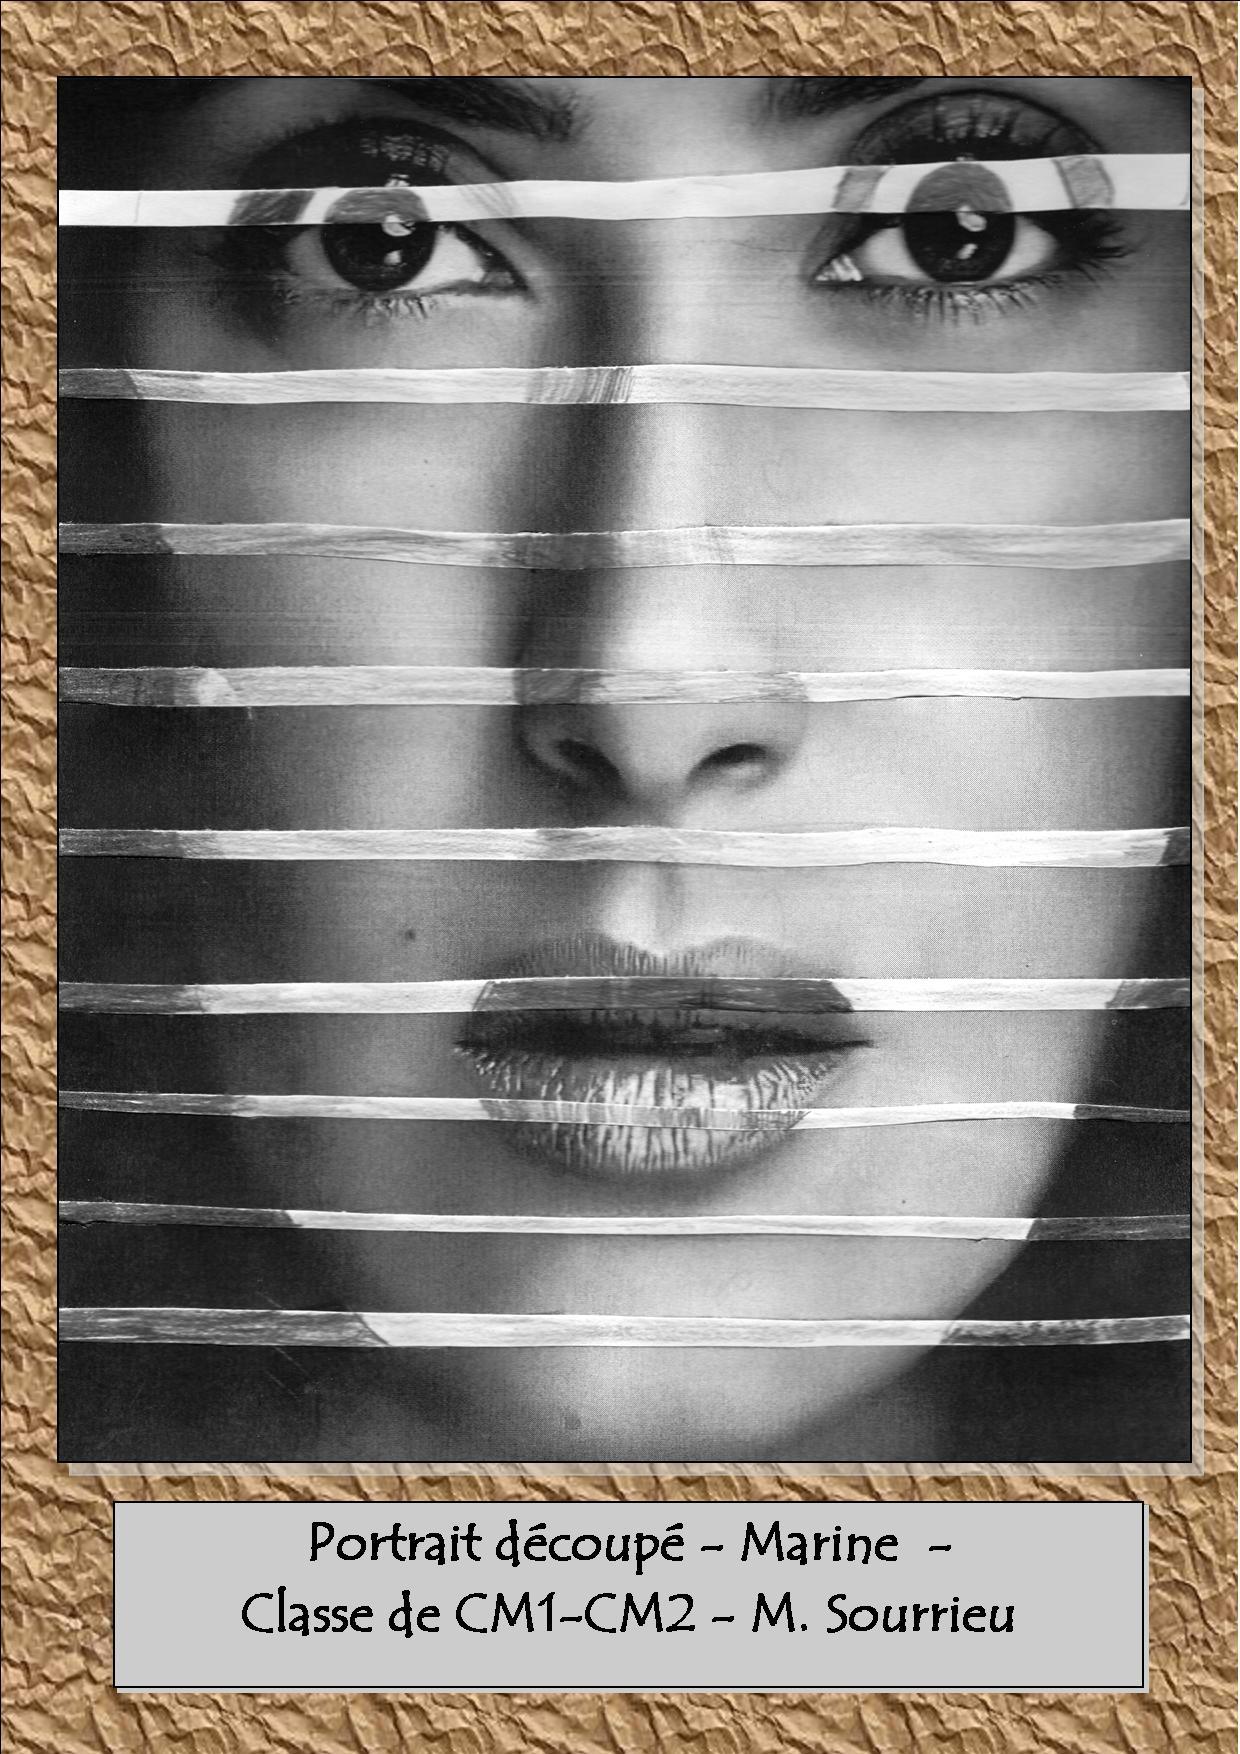 Portrait découpé CM2 - M. Sourrieu 02.jpg